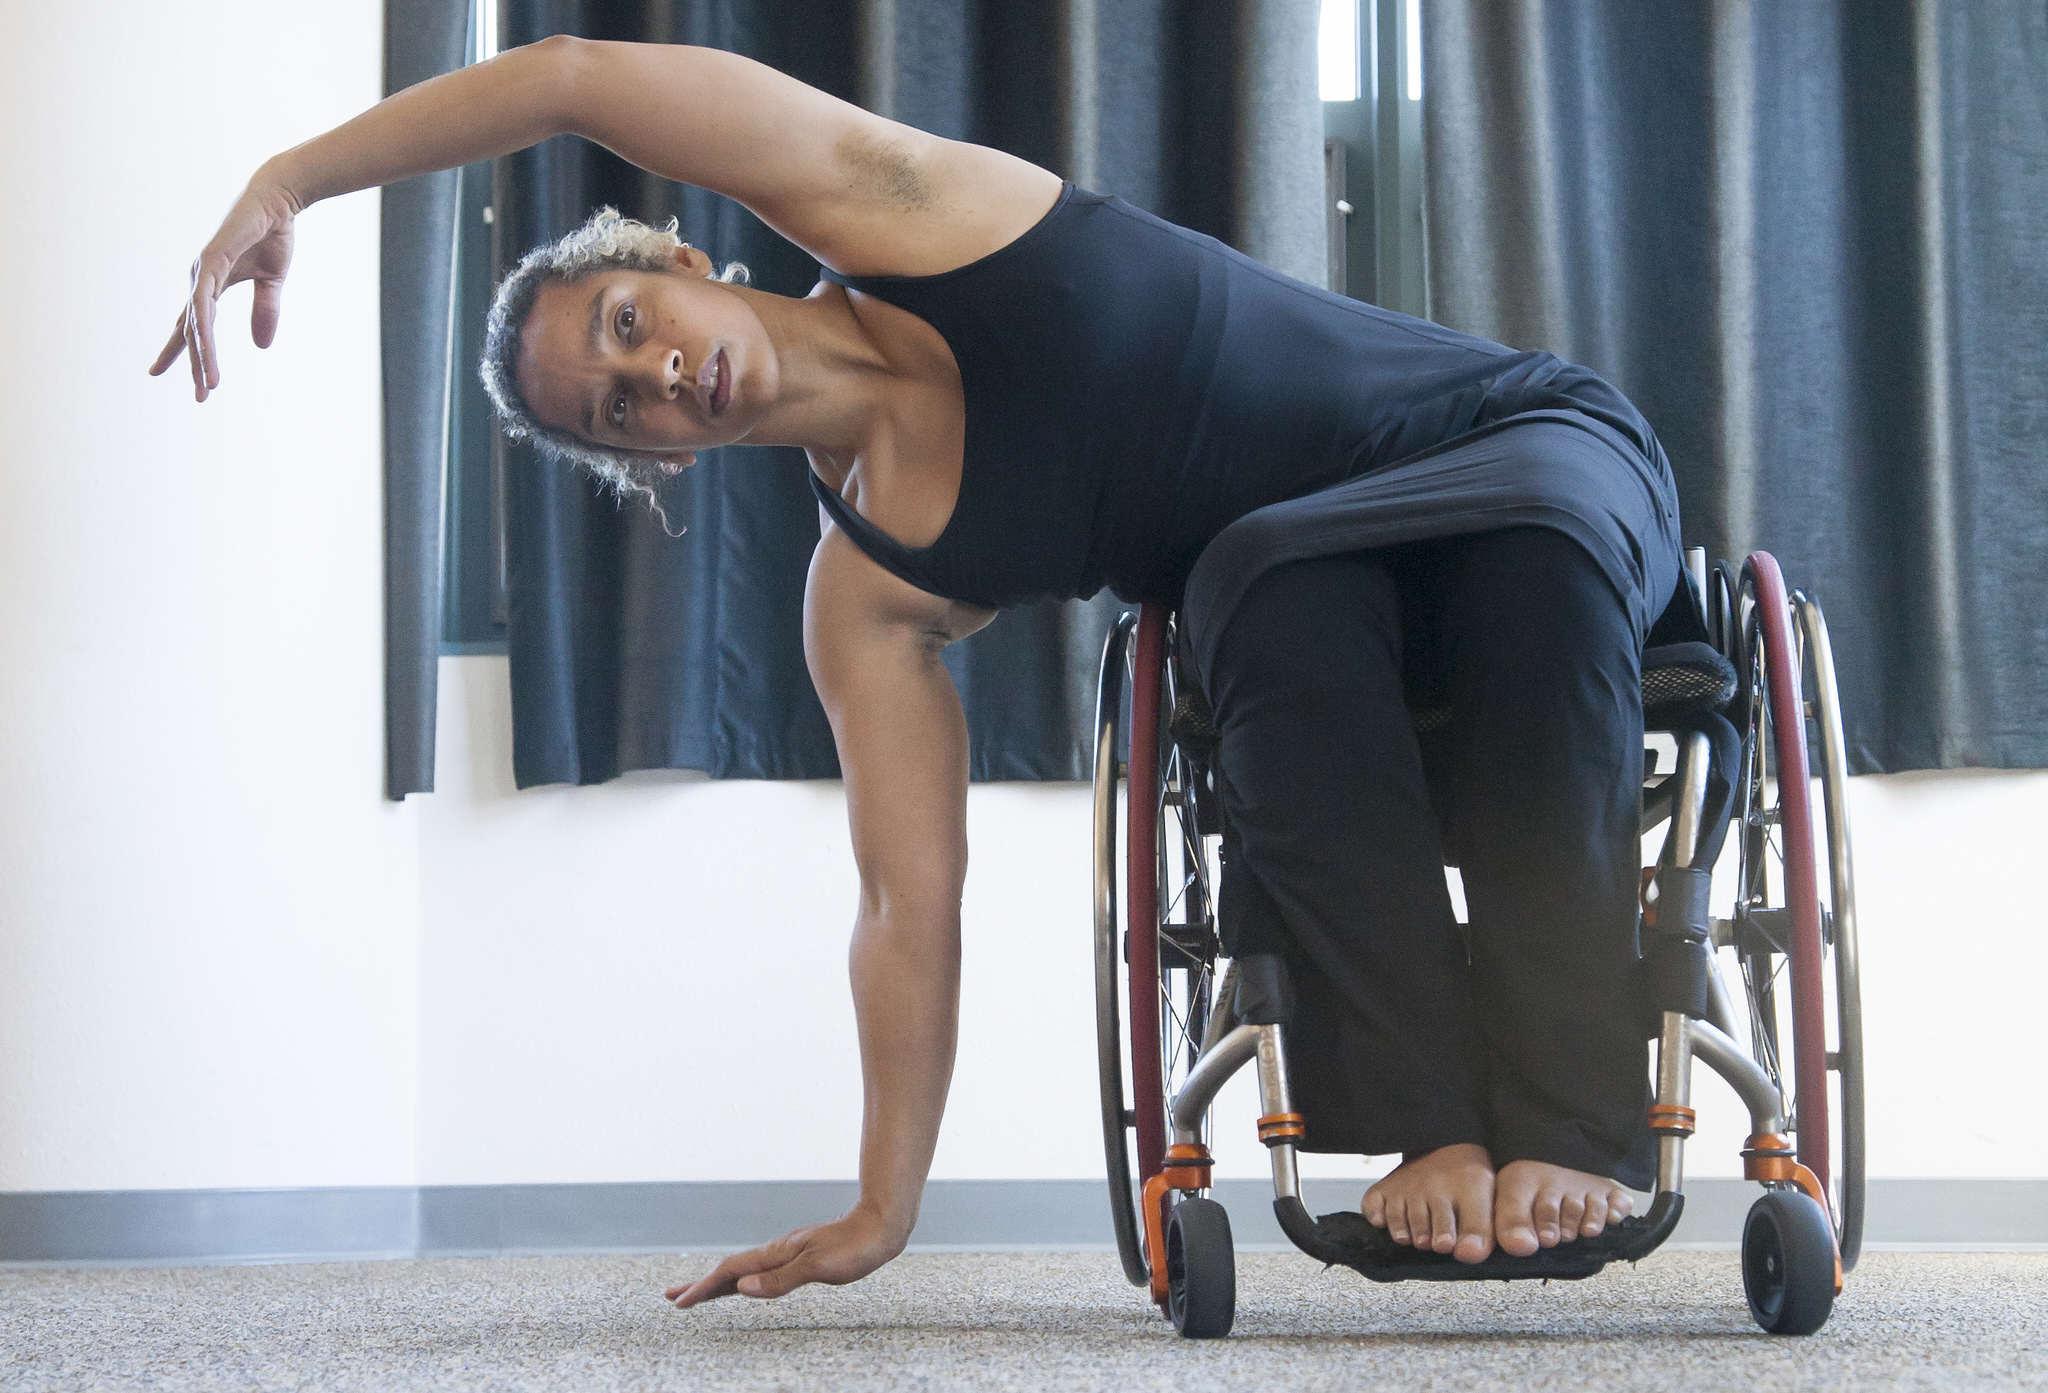 Dance artist expresses complex ideas through movement